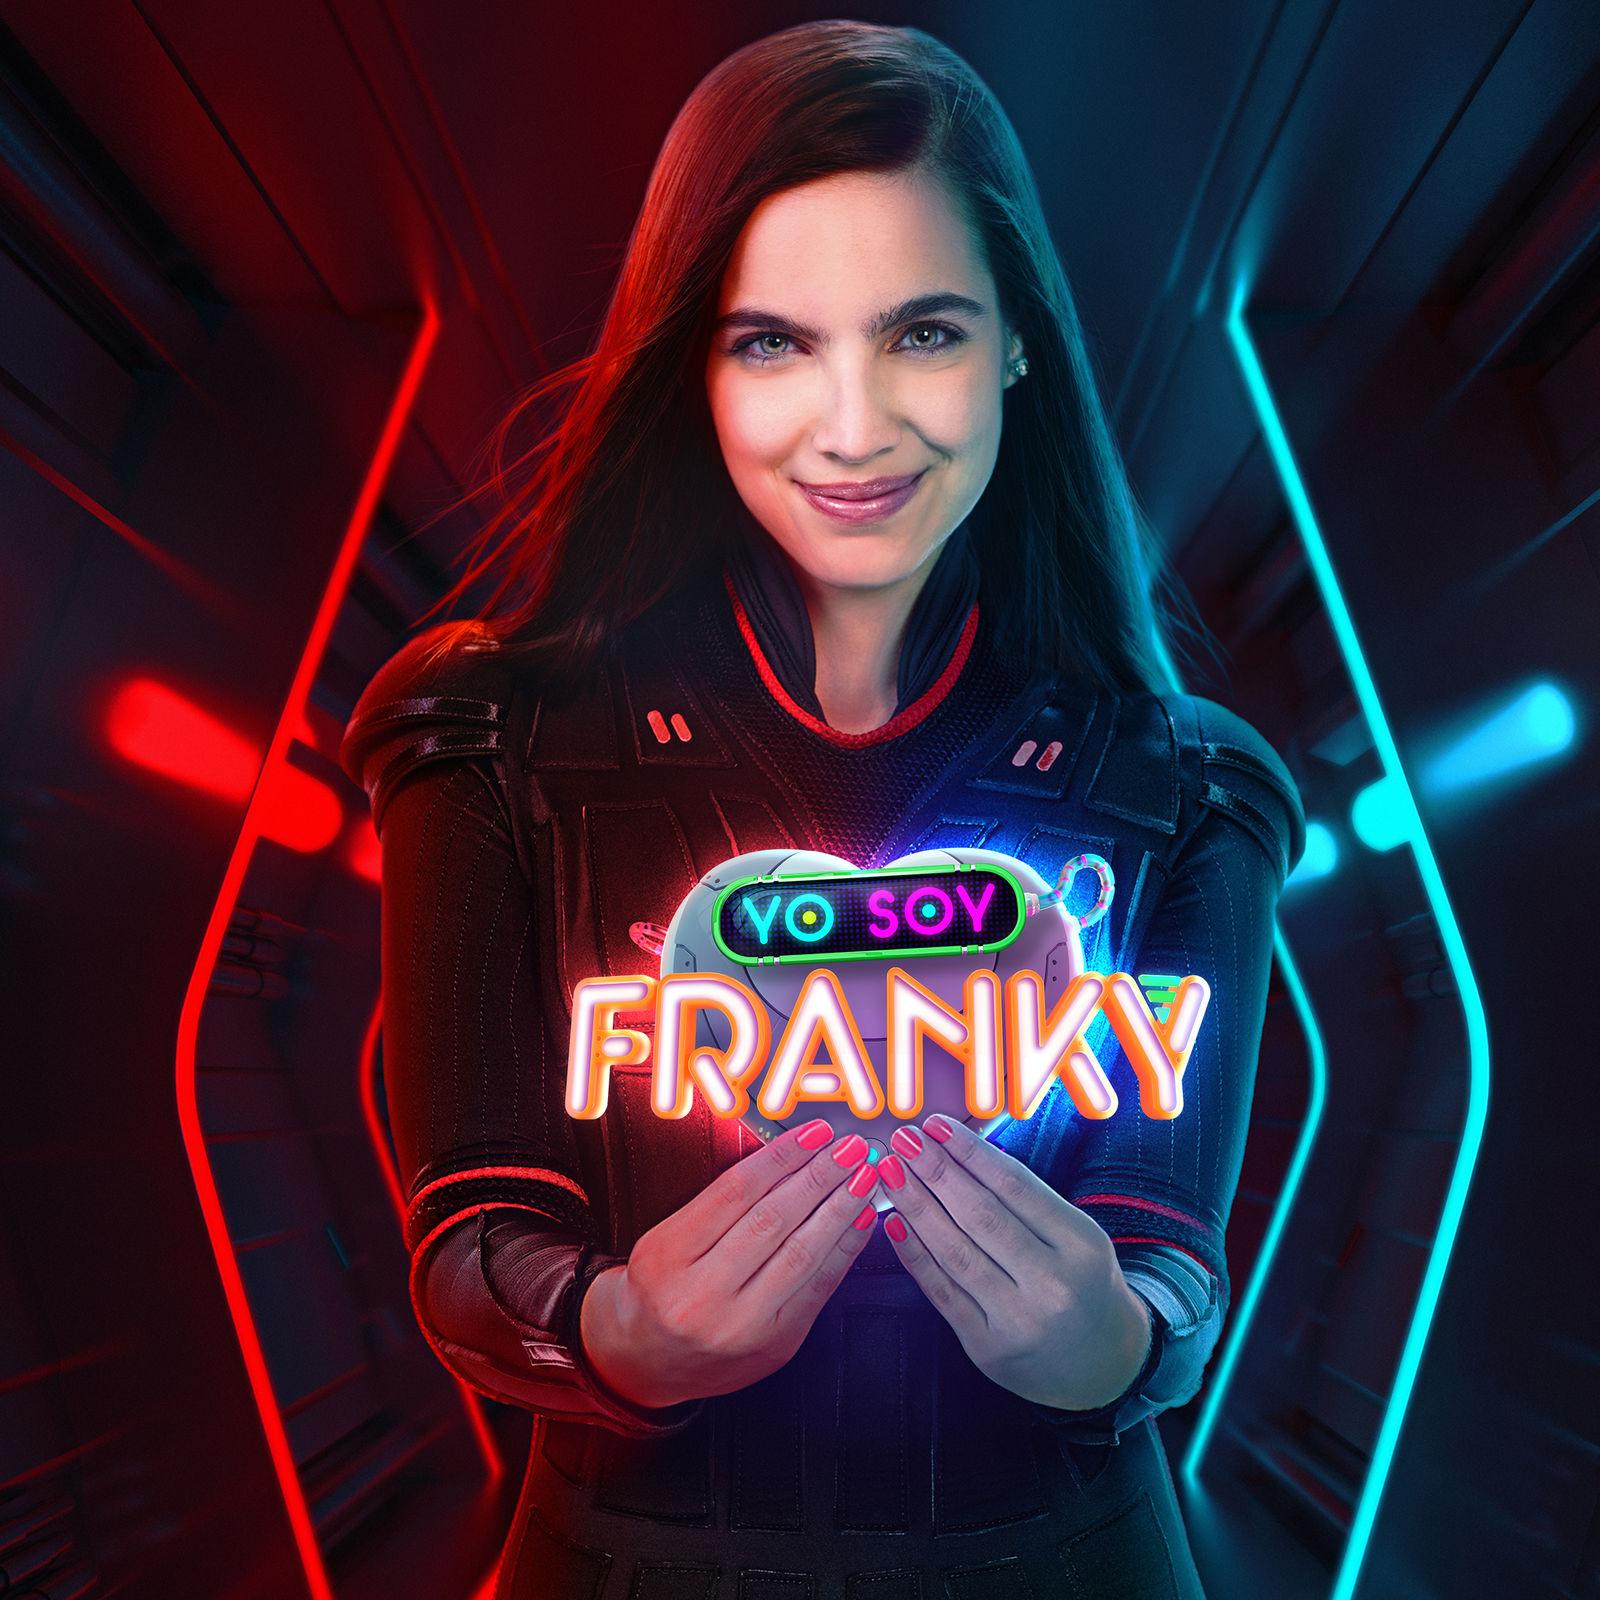 Eu sou franky download yo soy franky ep itunes plus - Coloriage franky le robot ...